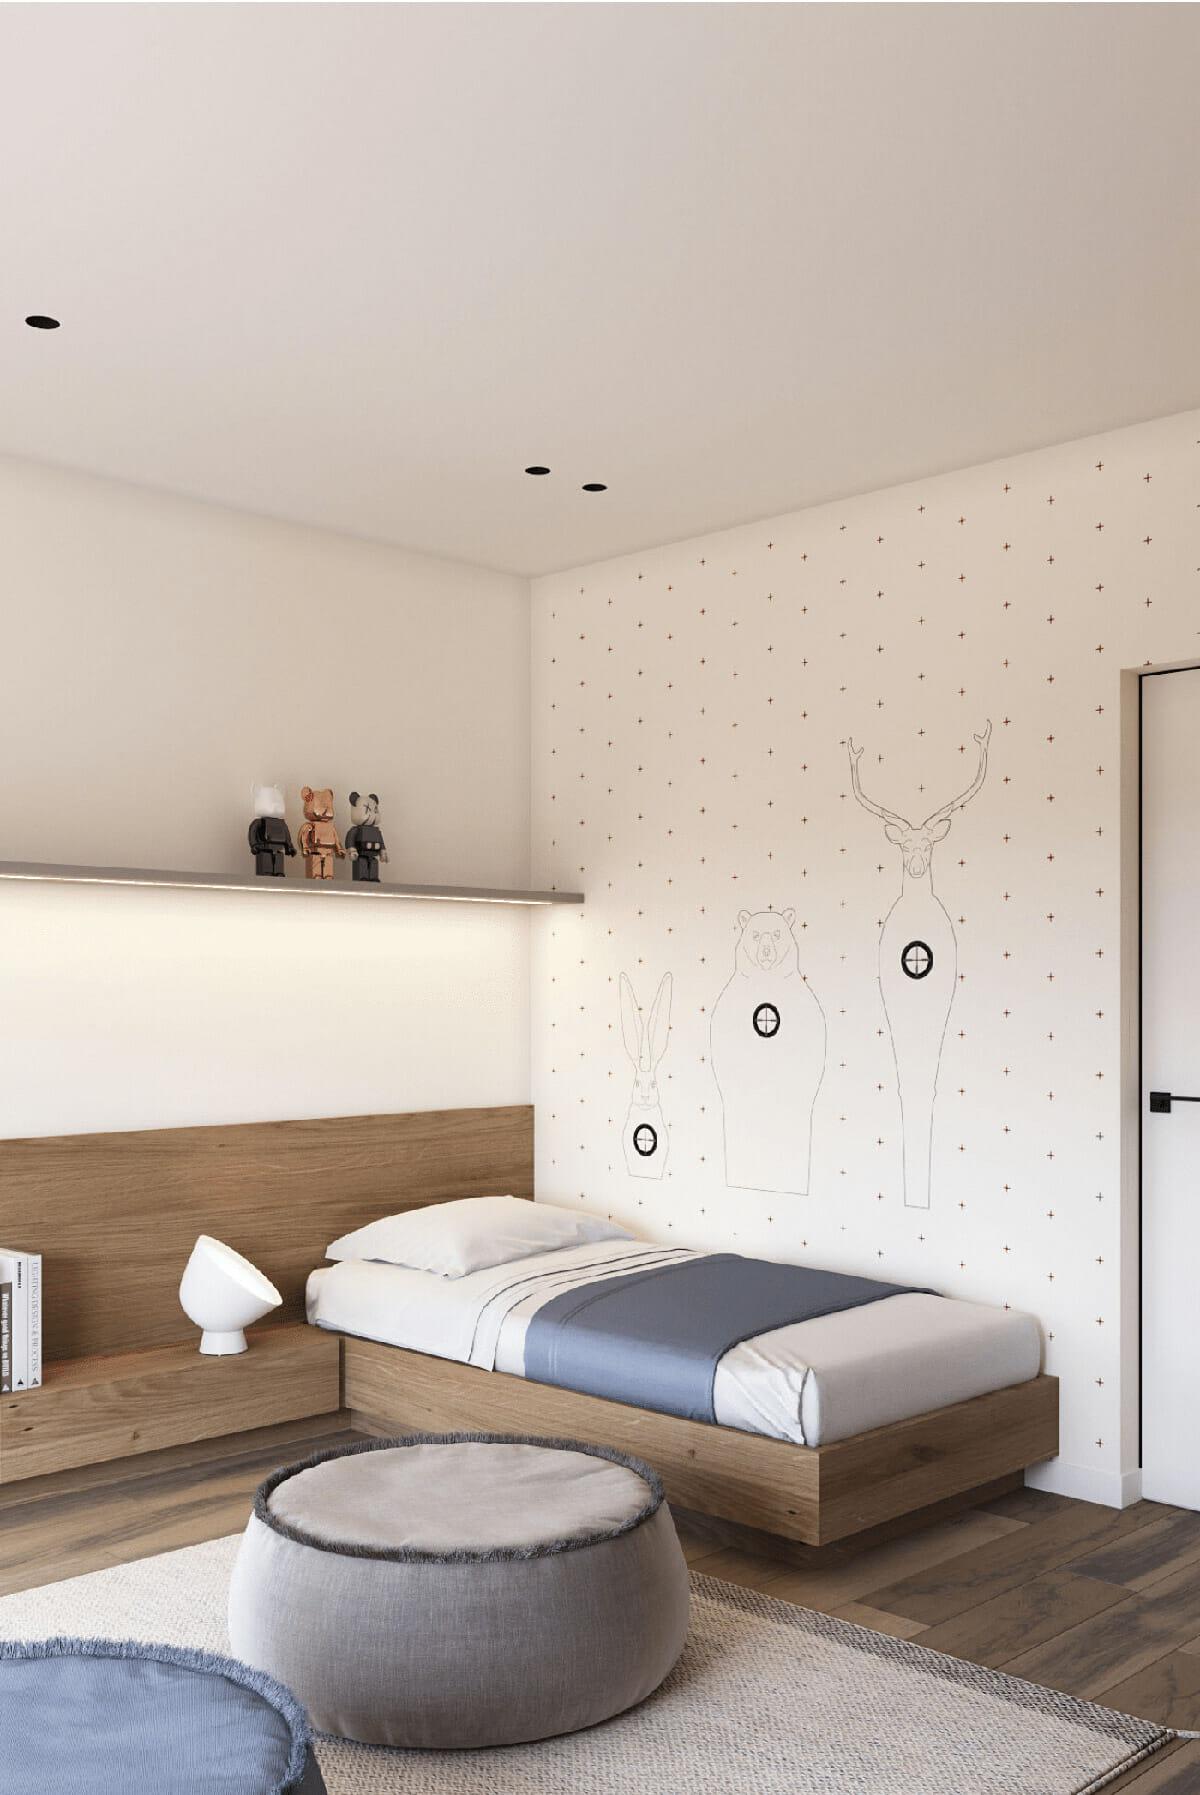 hình ảnh góc phòng ngủ của bé với giường đơn, giấy dán tường họa tiết động vật ngộ nghĩnh